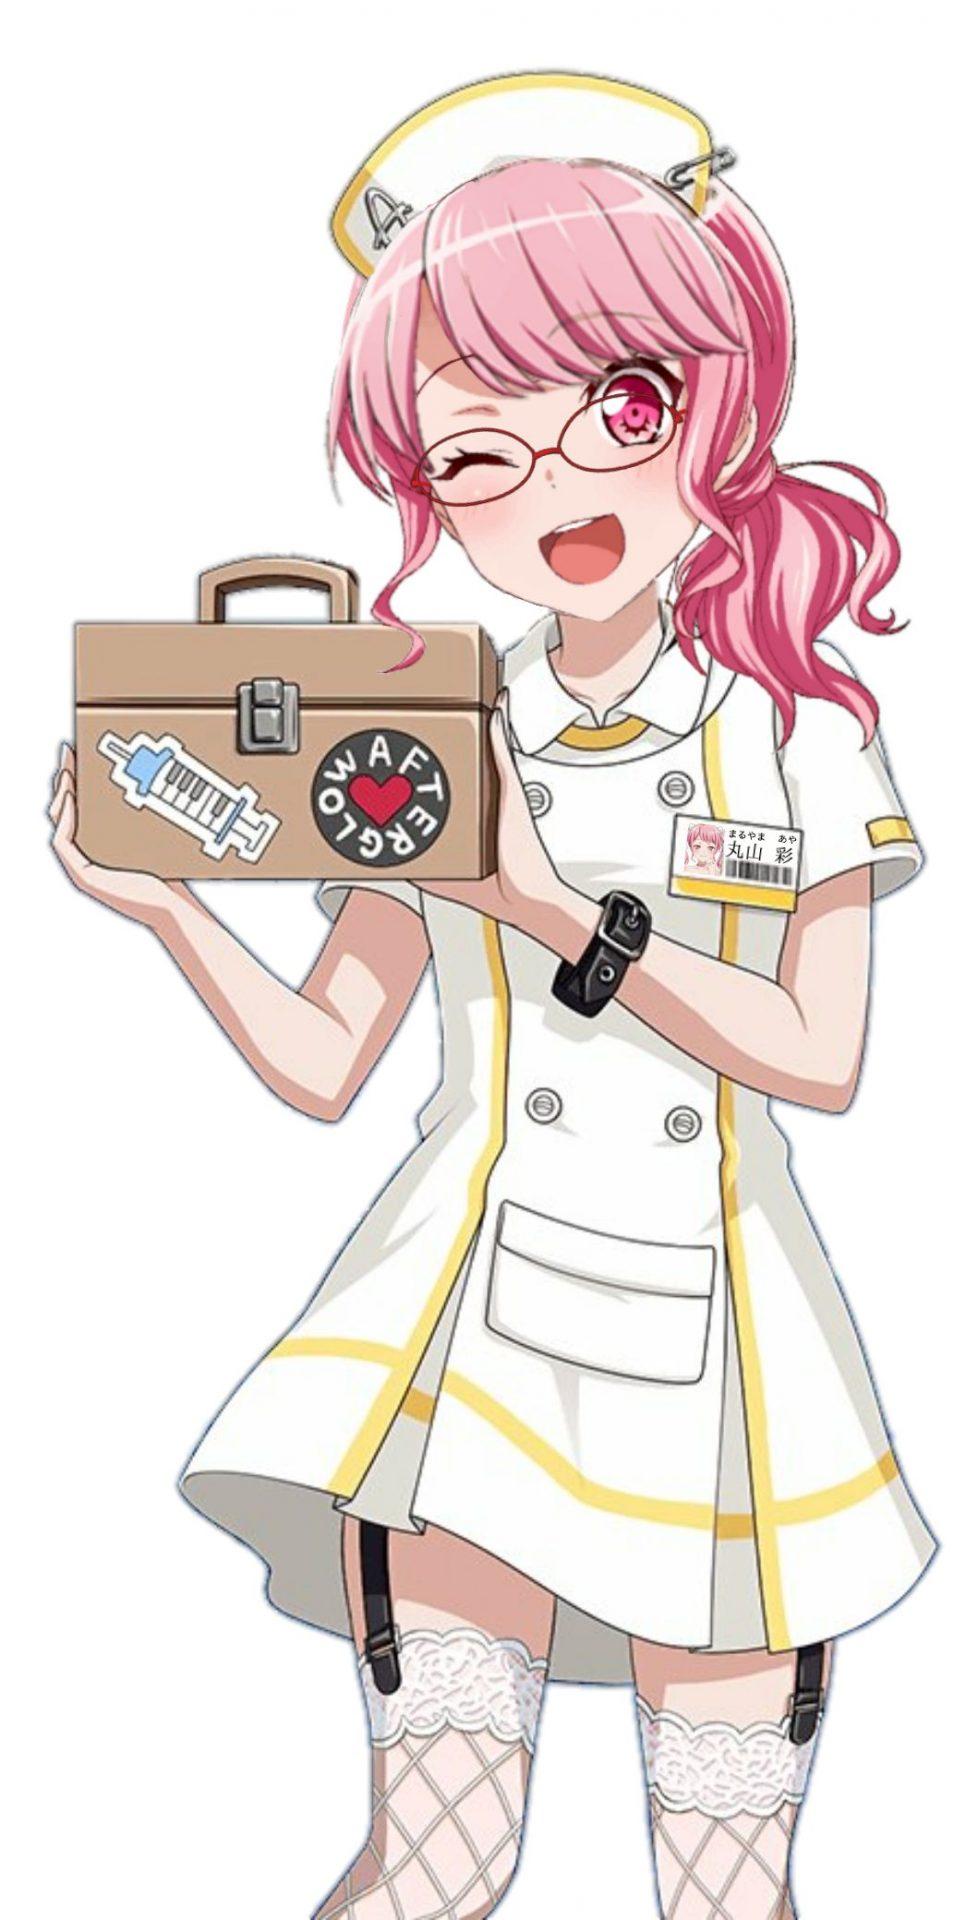 二次元 2次元 エロ画像 ナース 看護婦 べっぴん娘通信 19